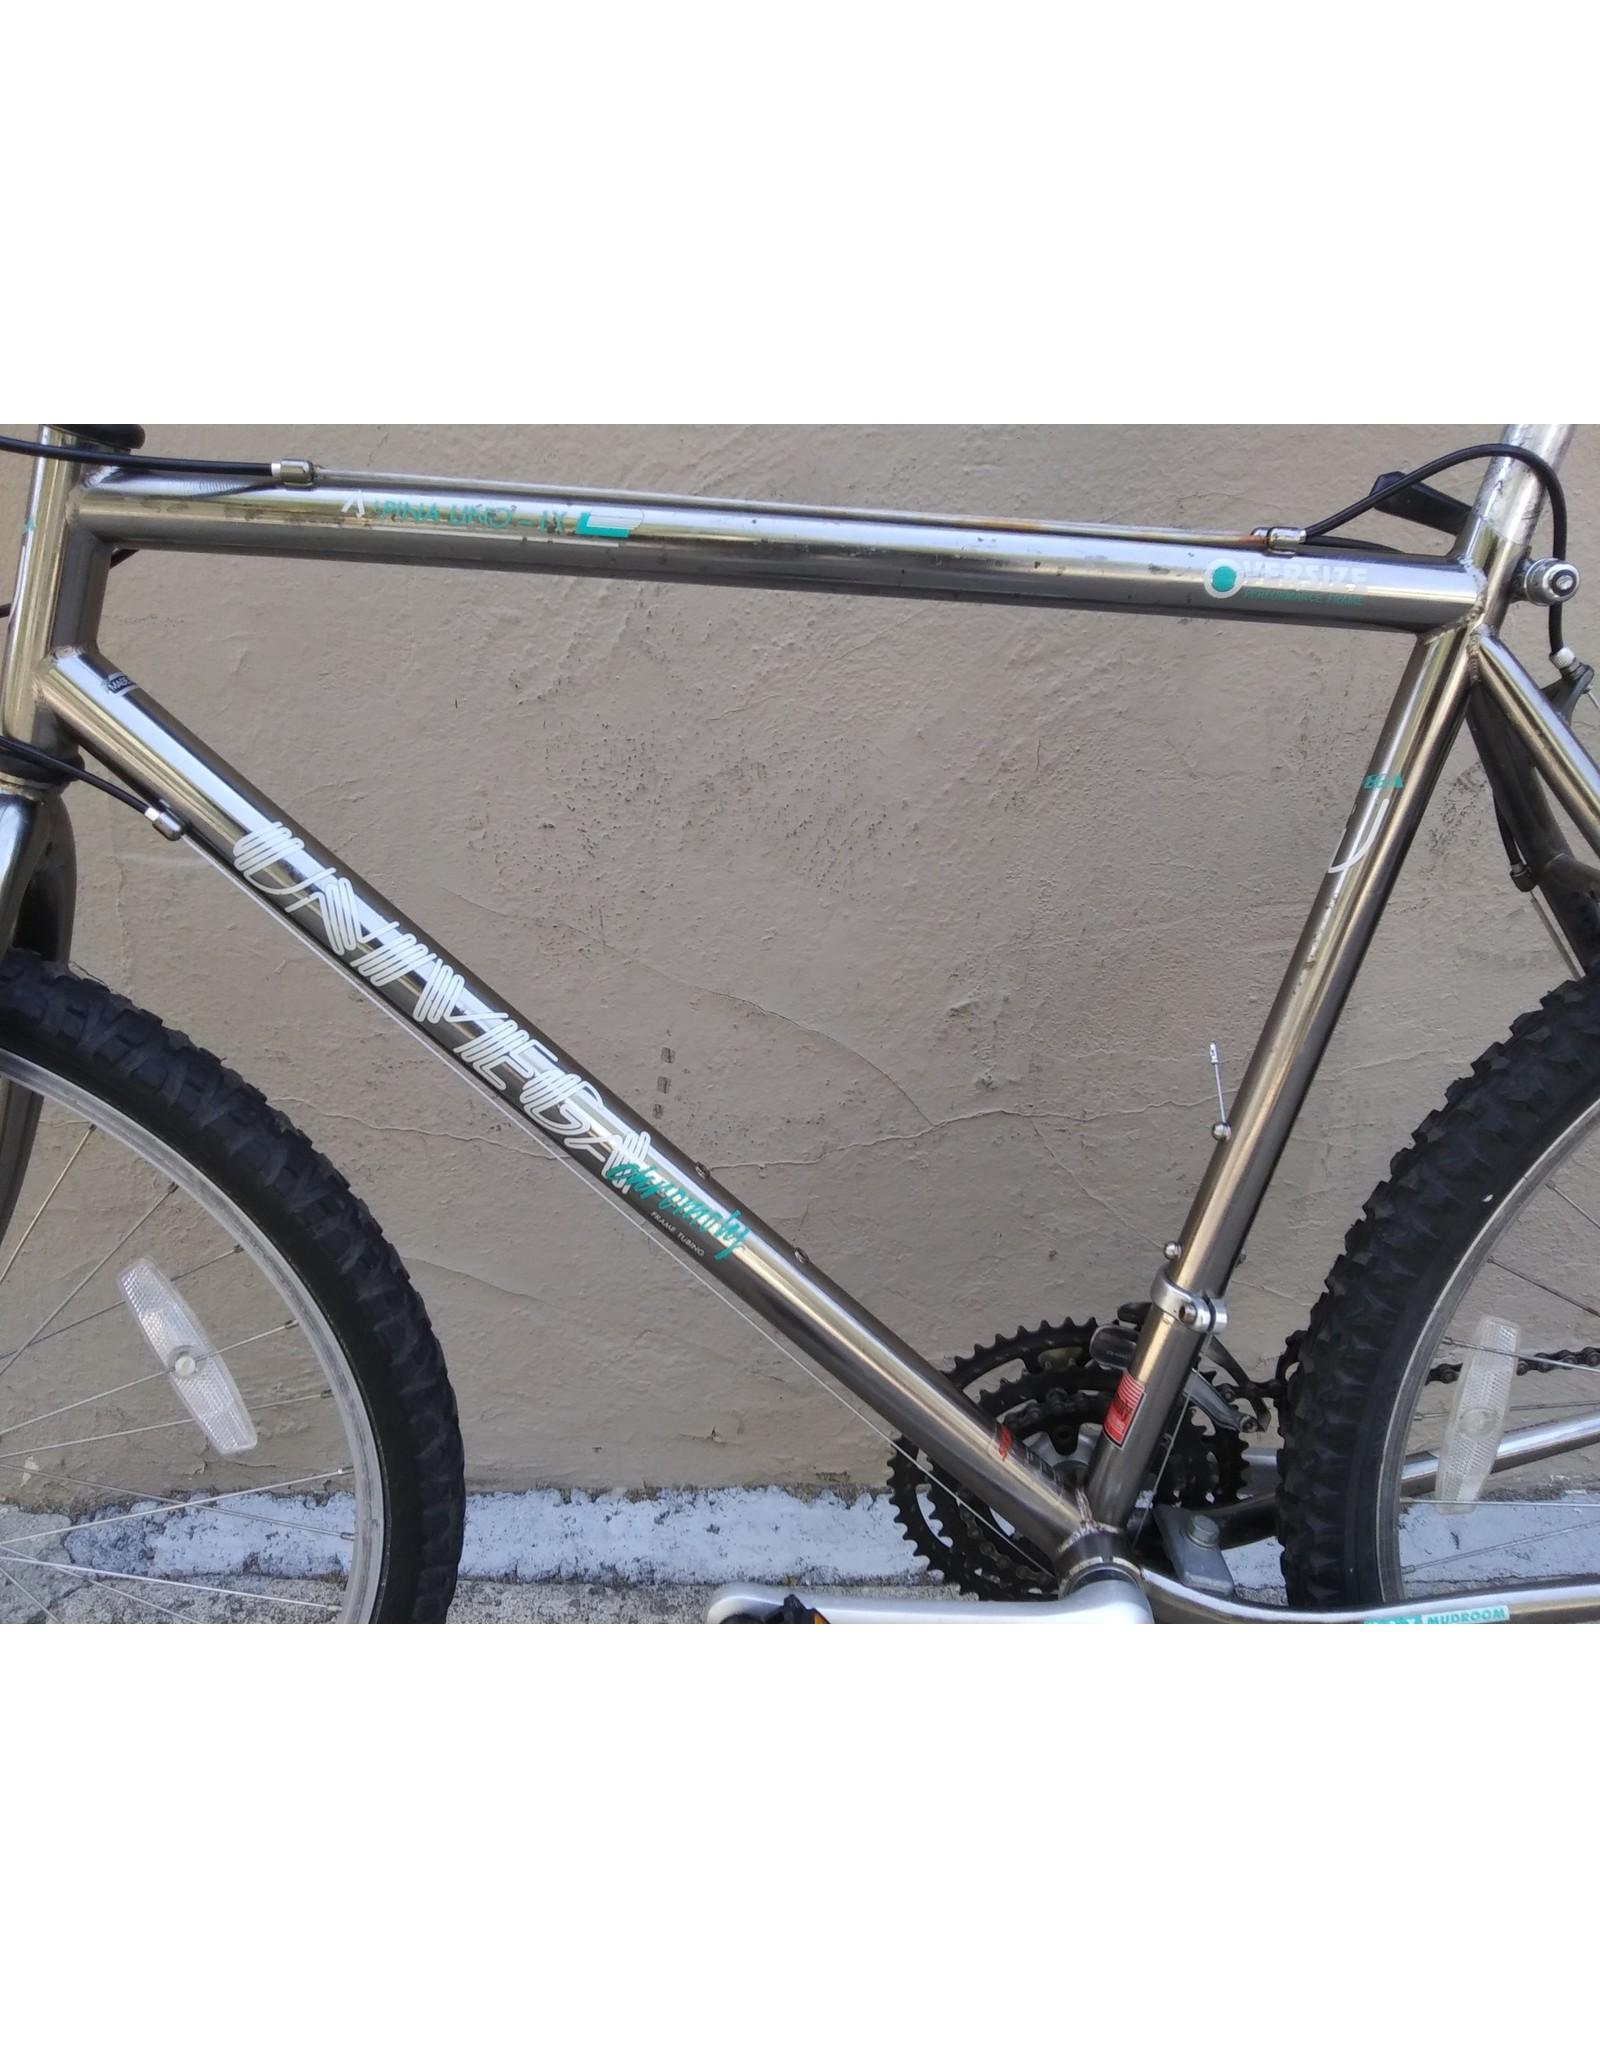 Univega Univega Alpina Uno LX Vintage, 1991, 20 Inches, Silver